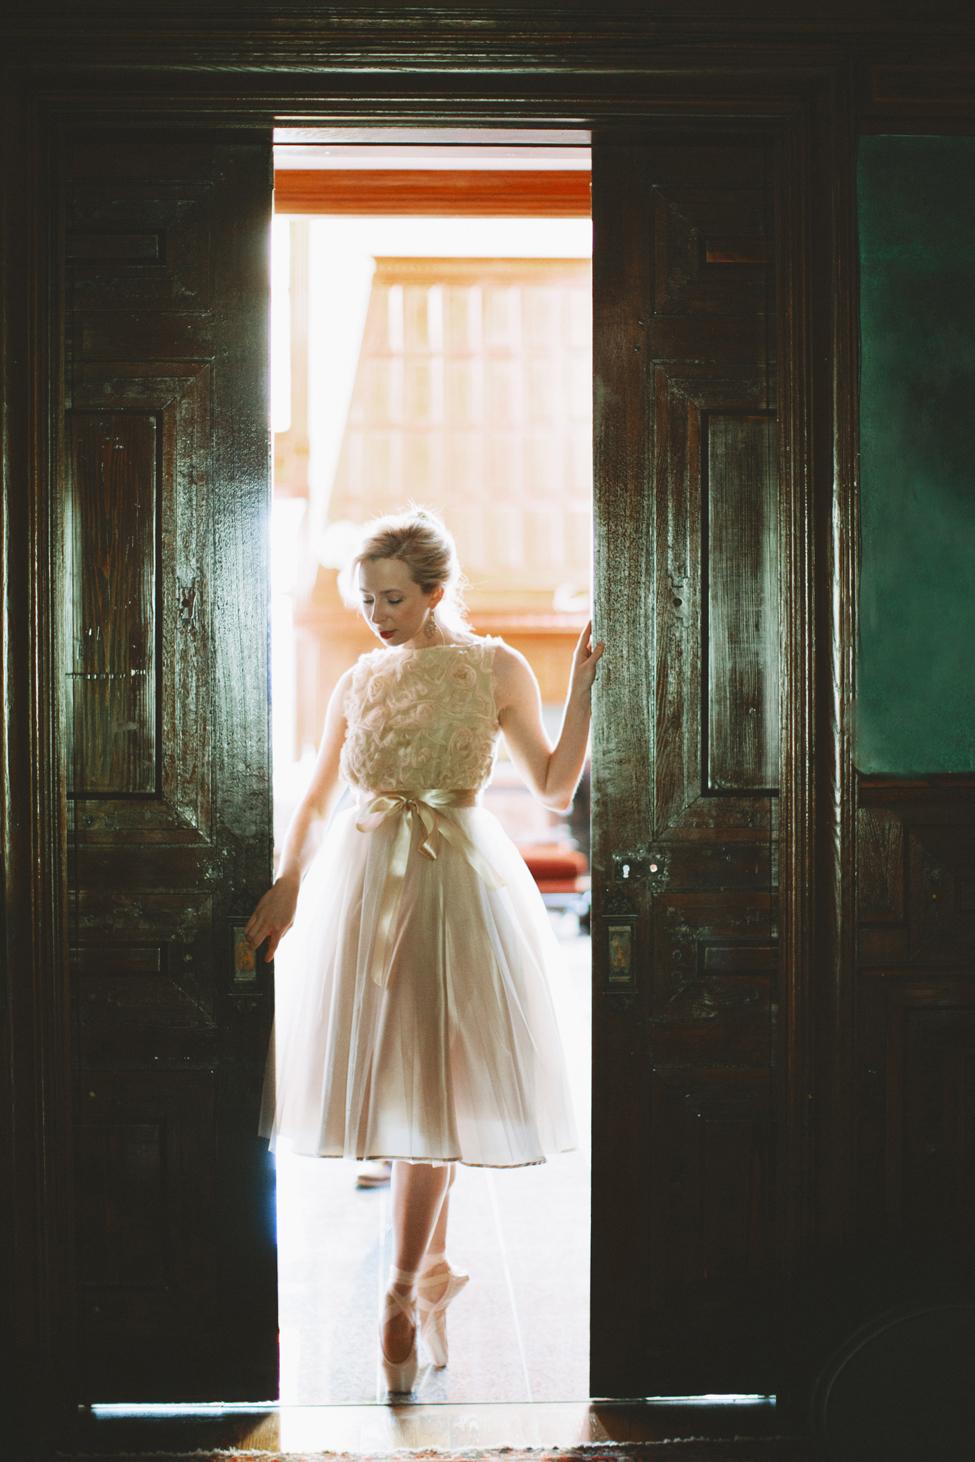 liz_white_bridal_wedding155.jpg